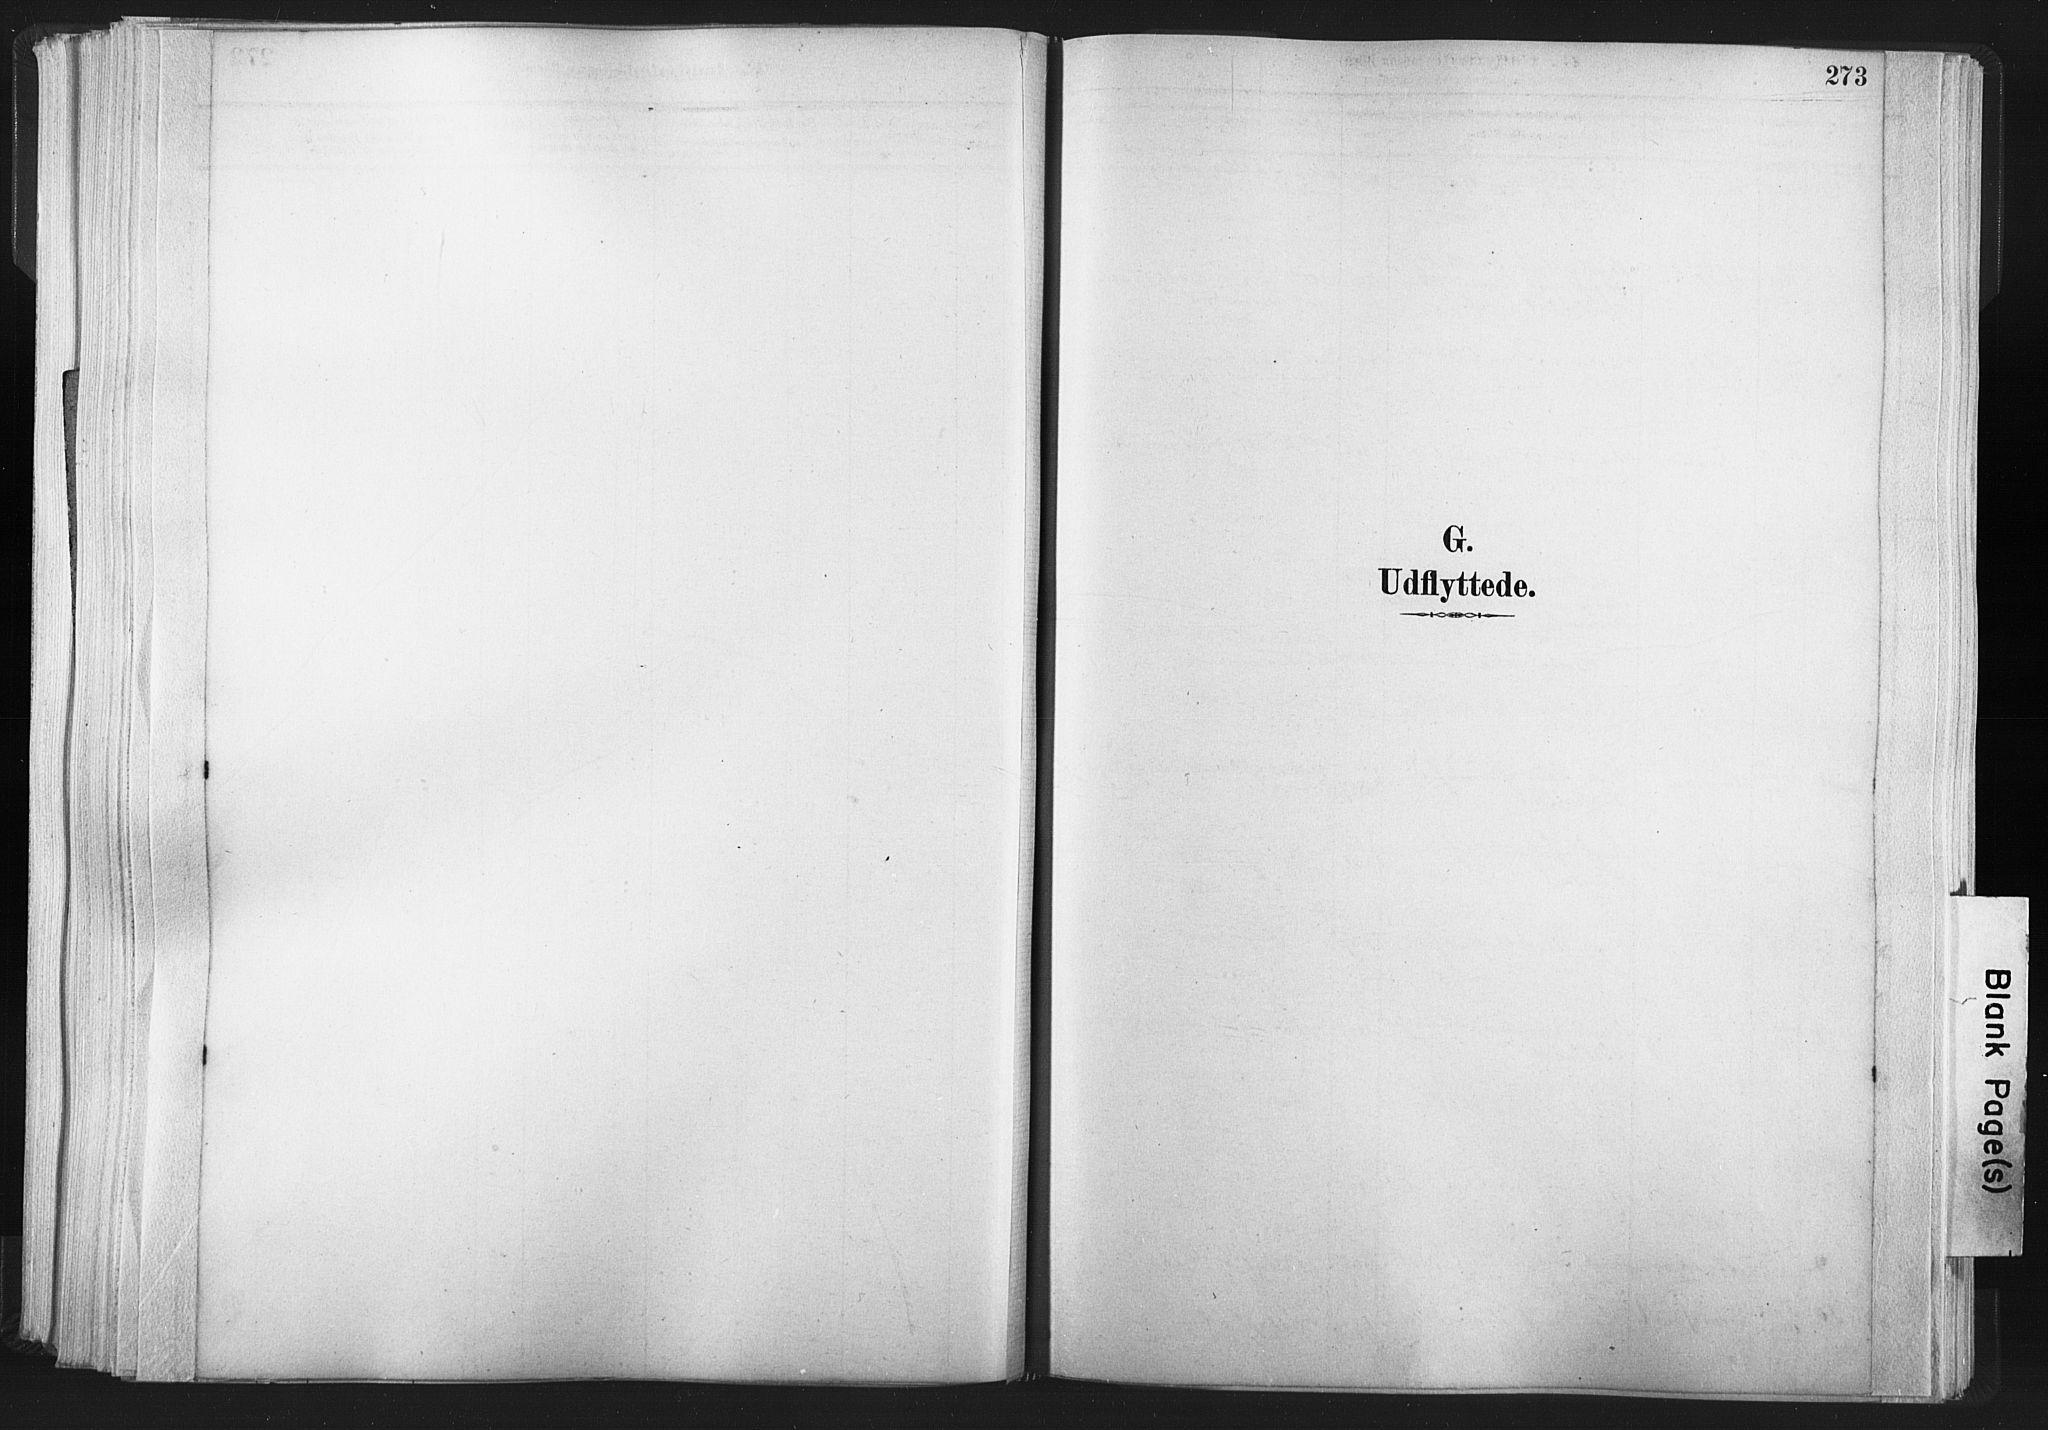 SAT, Ministerialprotokoller, klokkerbøker og fødselsregistre - Nord-Trøndelag, 749/L0474: Ministerialbok nr. 749A08, 1887-1903, s. 273